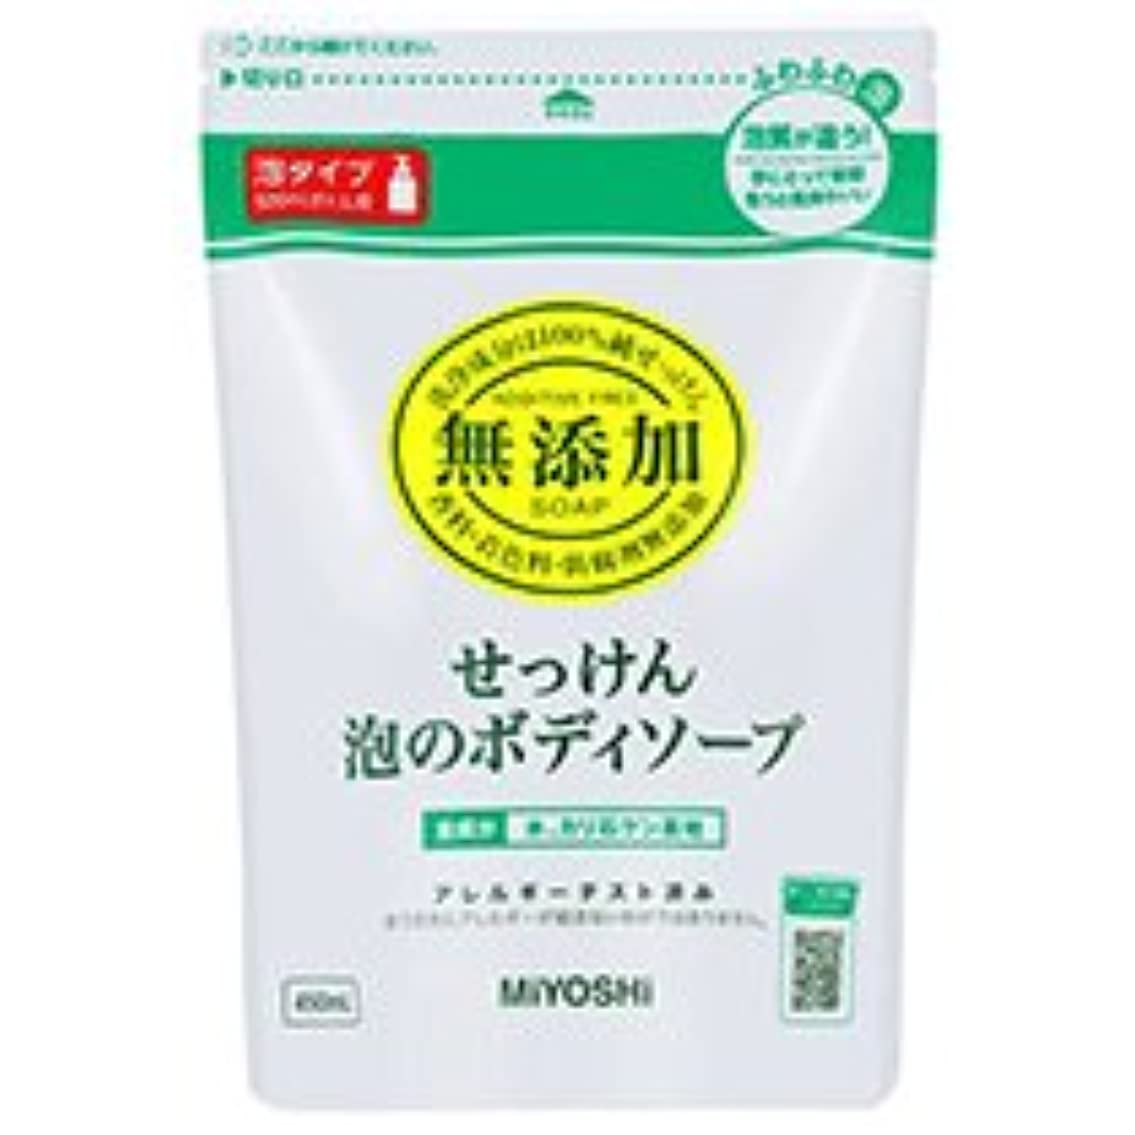 ブロンズスリンクアカデミックミヨシ石鹸 無添加せっけん 泡のボディソープ 詰替用 450ml 1個